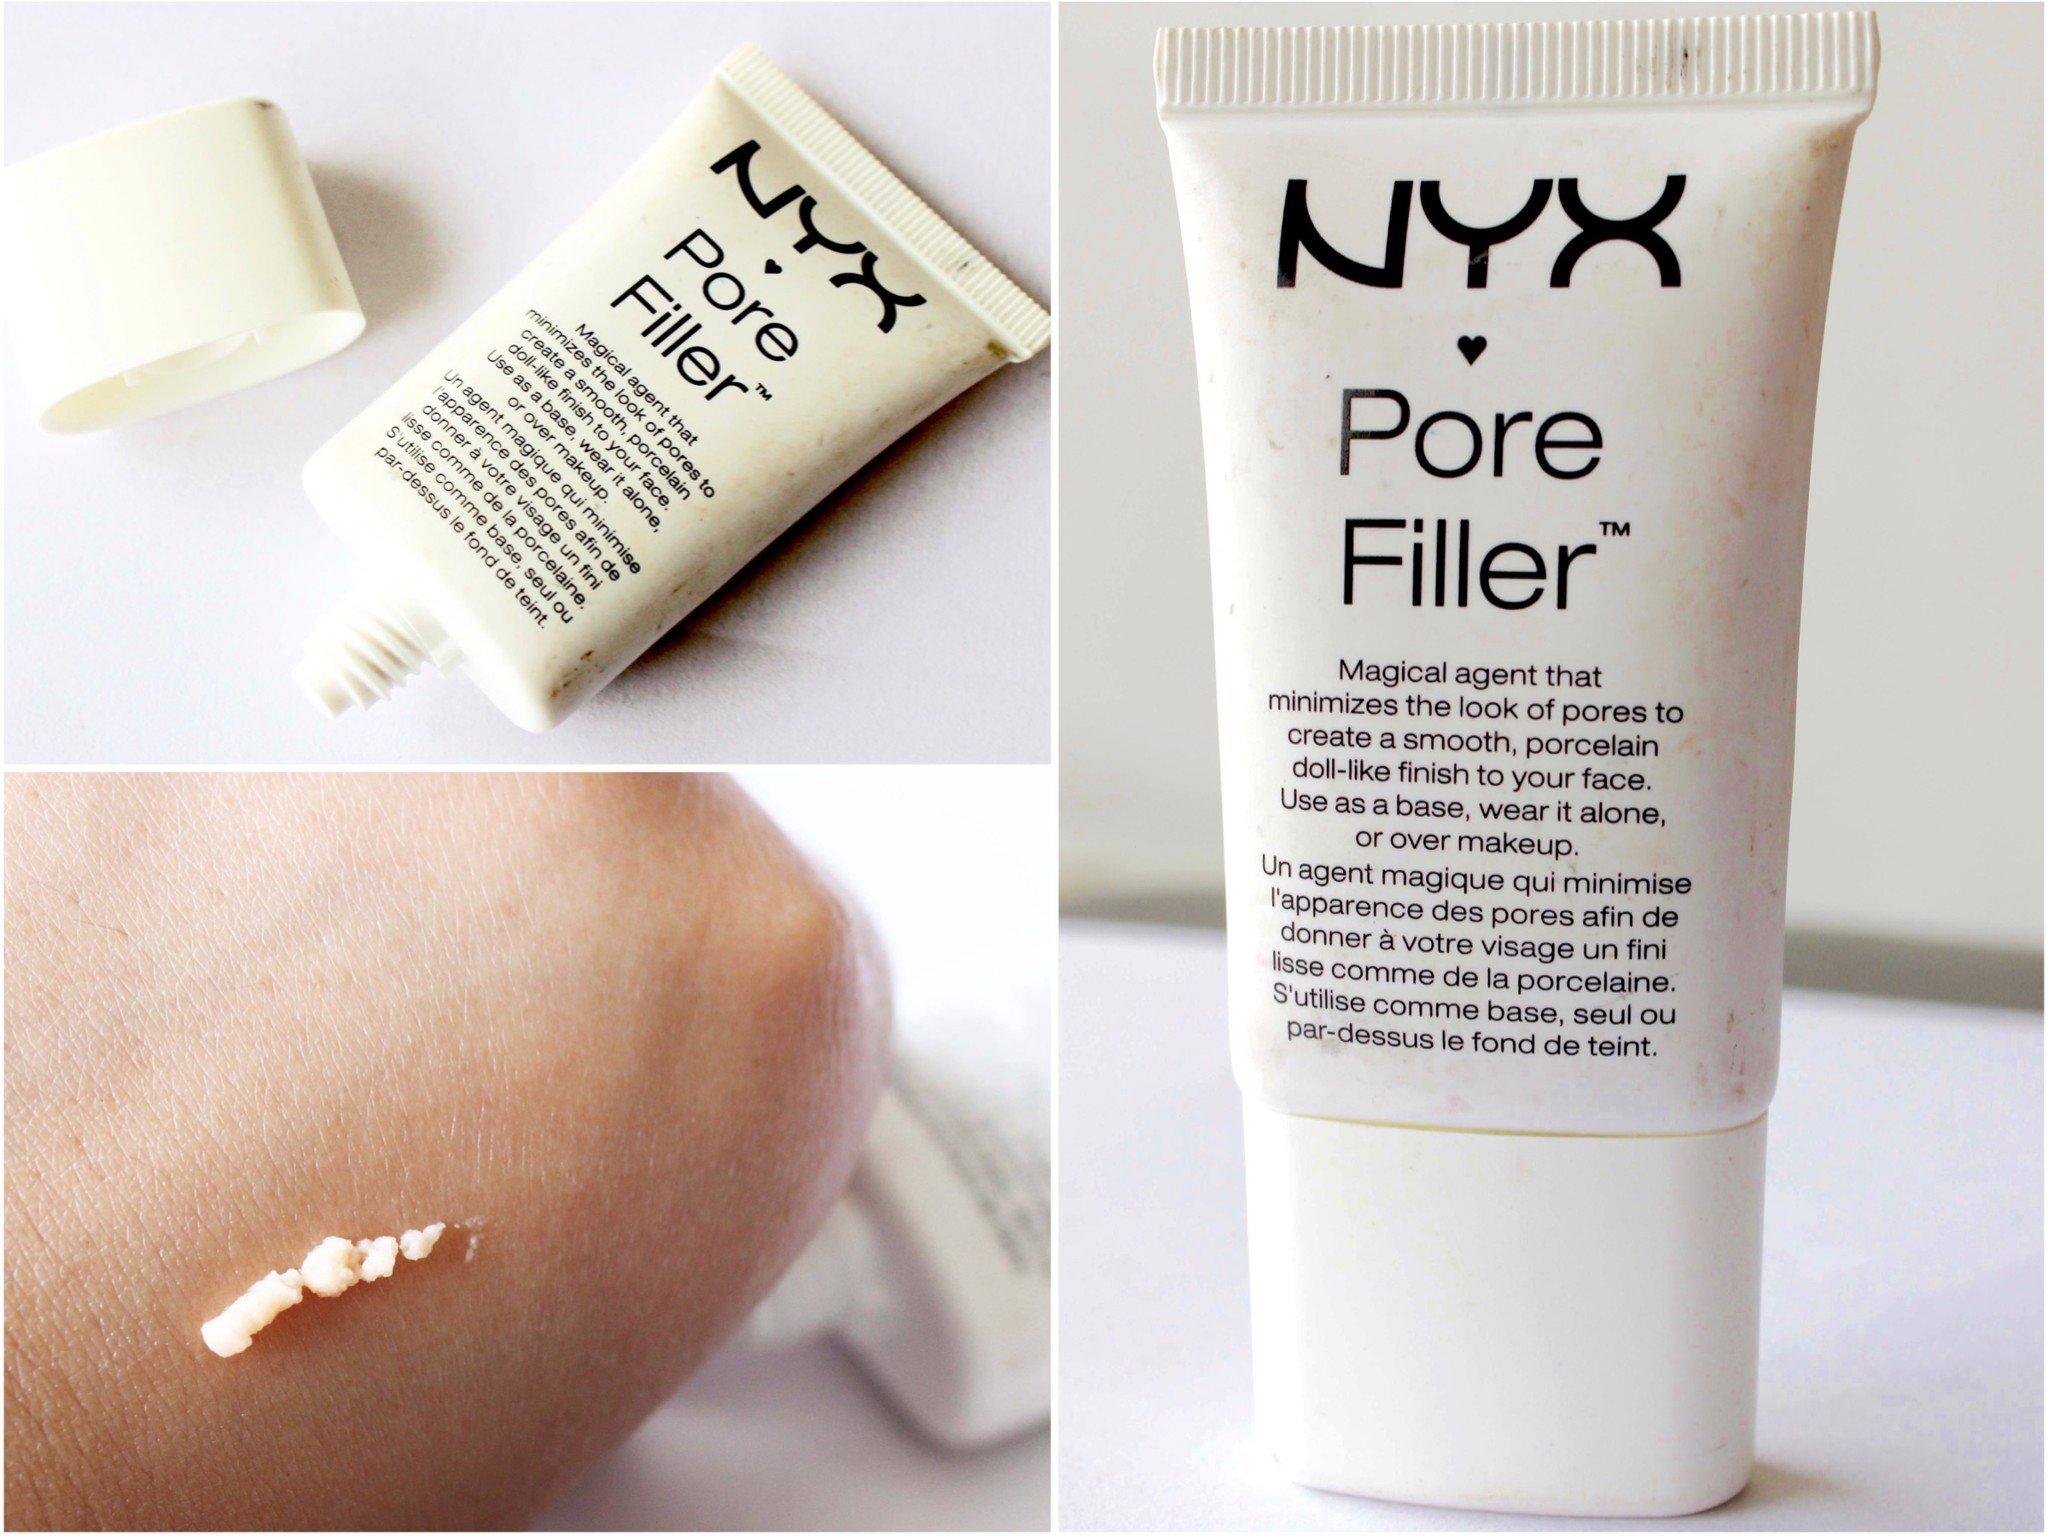 Nhớ làm sạch da trước khi sử dụng để có được lớp lót trang điểm mịn và đẹp